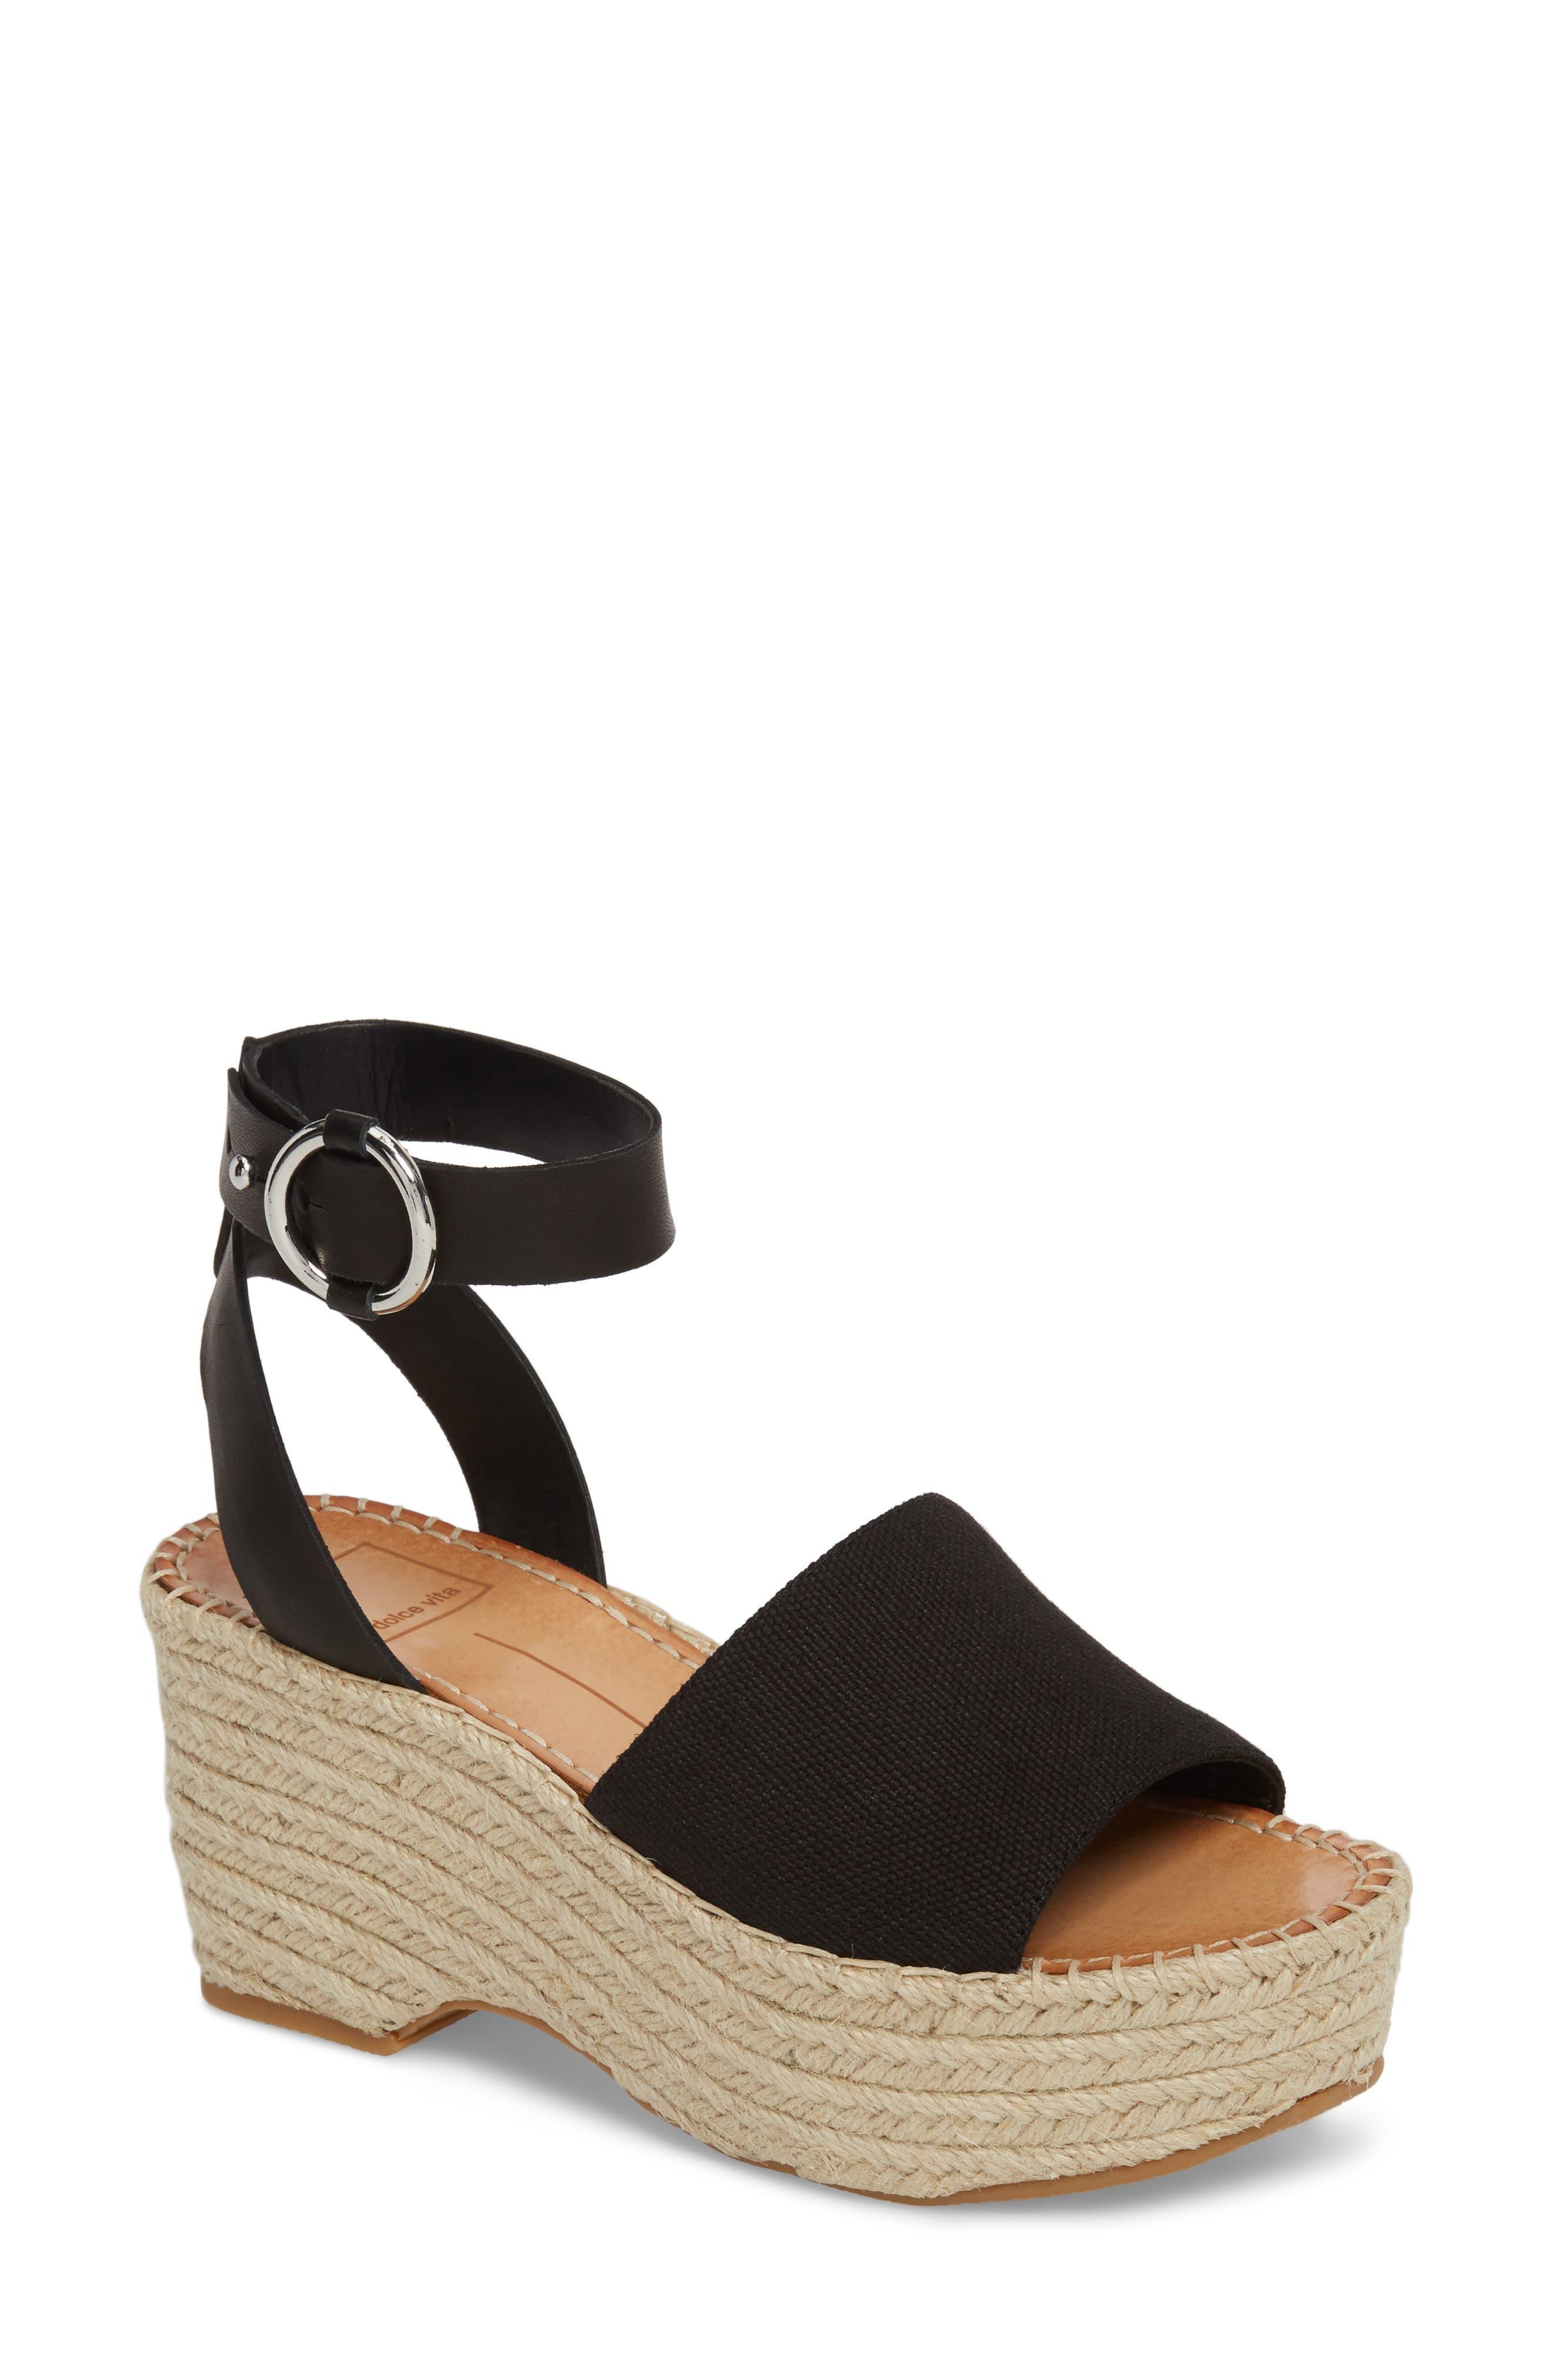 Lesly Espadrille Platform Sandal,                         Main,                         color, 001